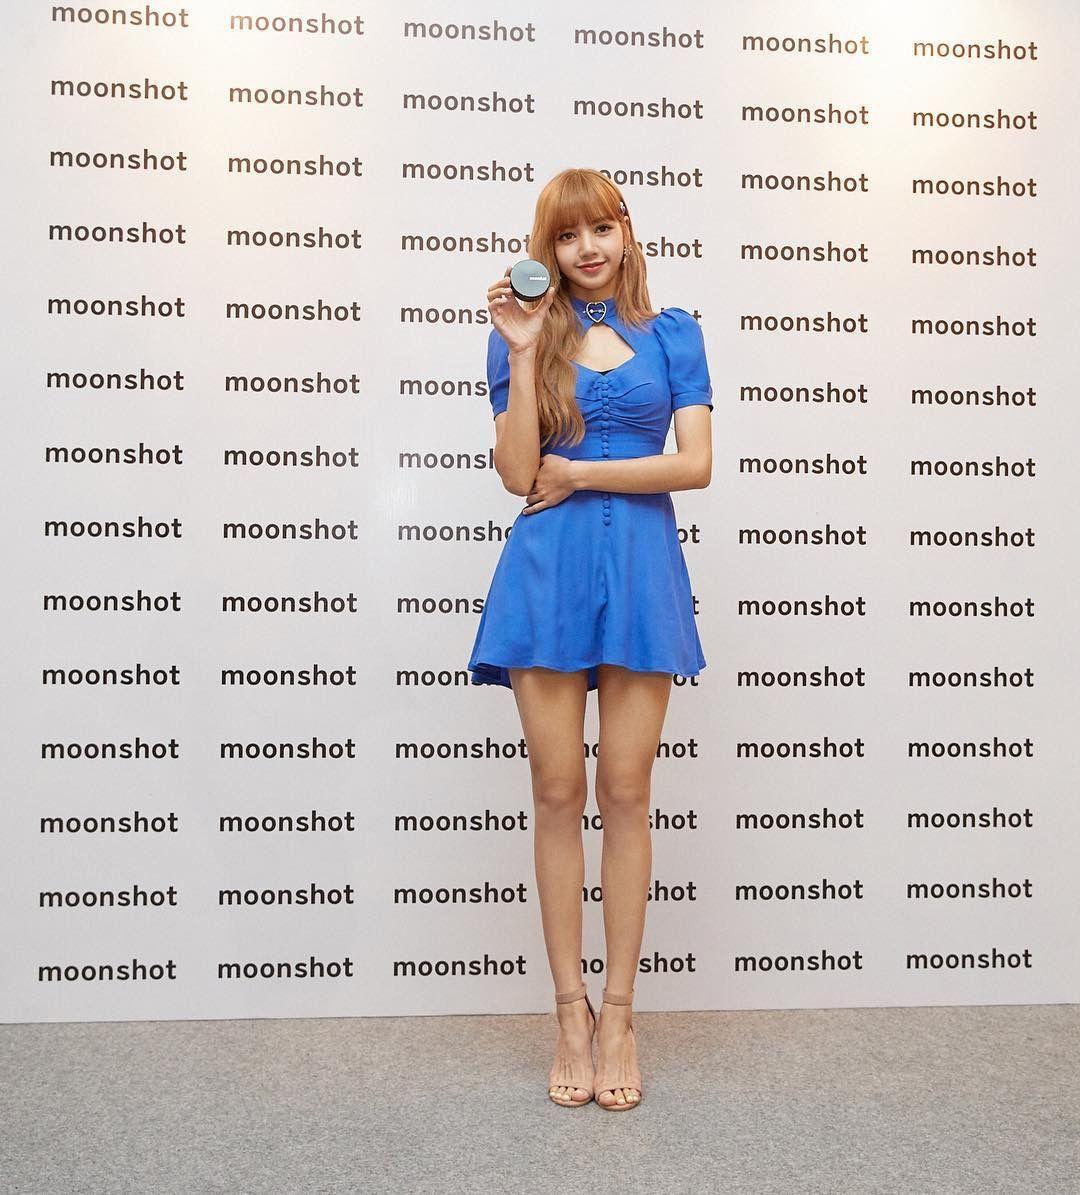 鸡小腿_有没有关于Lisa身材的好看的照片? - 知乎